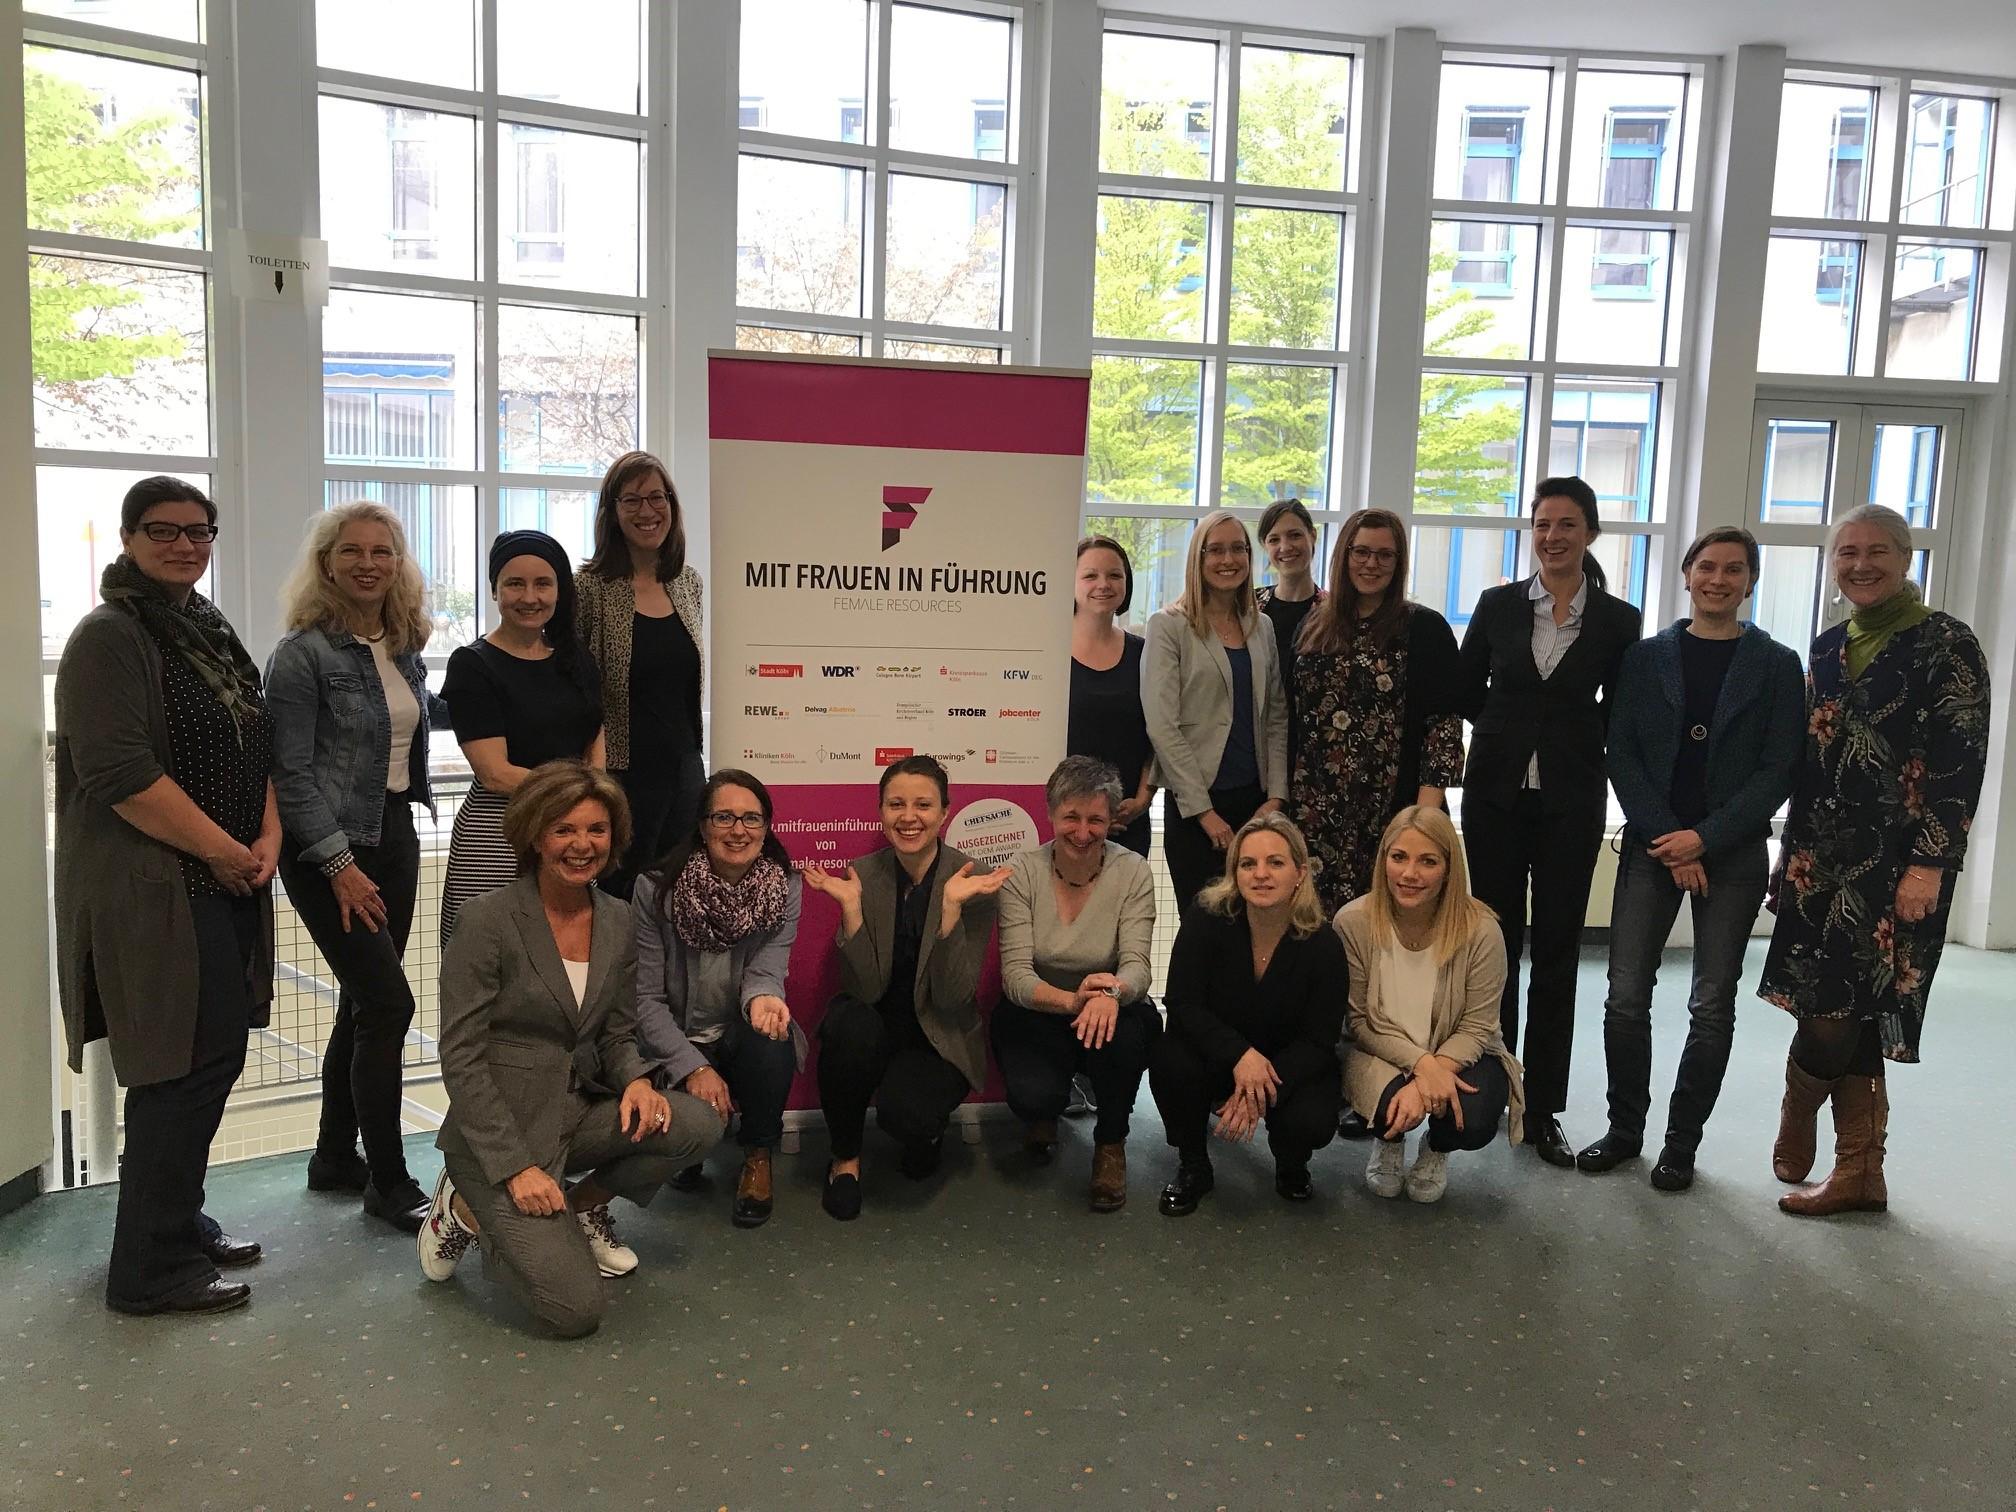 Teilnehmerinnen des 3. Cross Mentoring von MIT FRAUEN IN FÜHRUNG